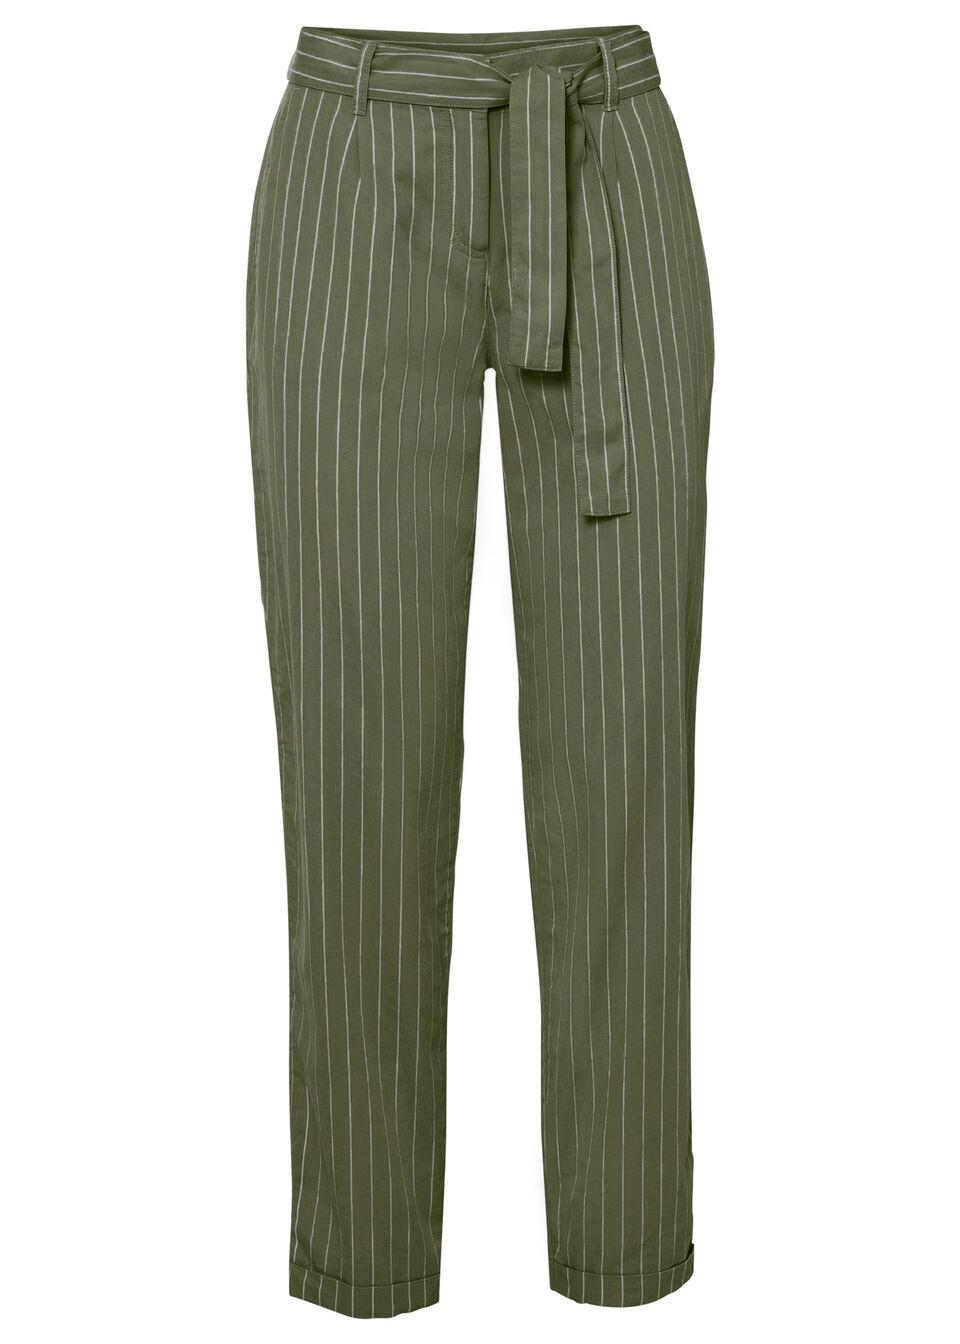 Spodnie bonprix ciemny khaki - biały w paski